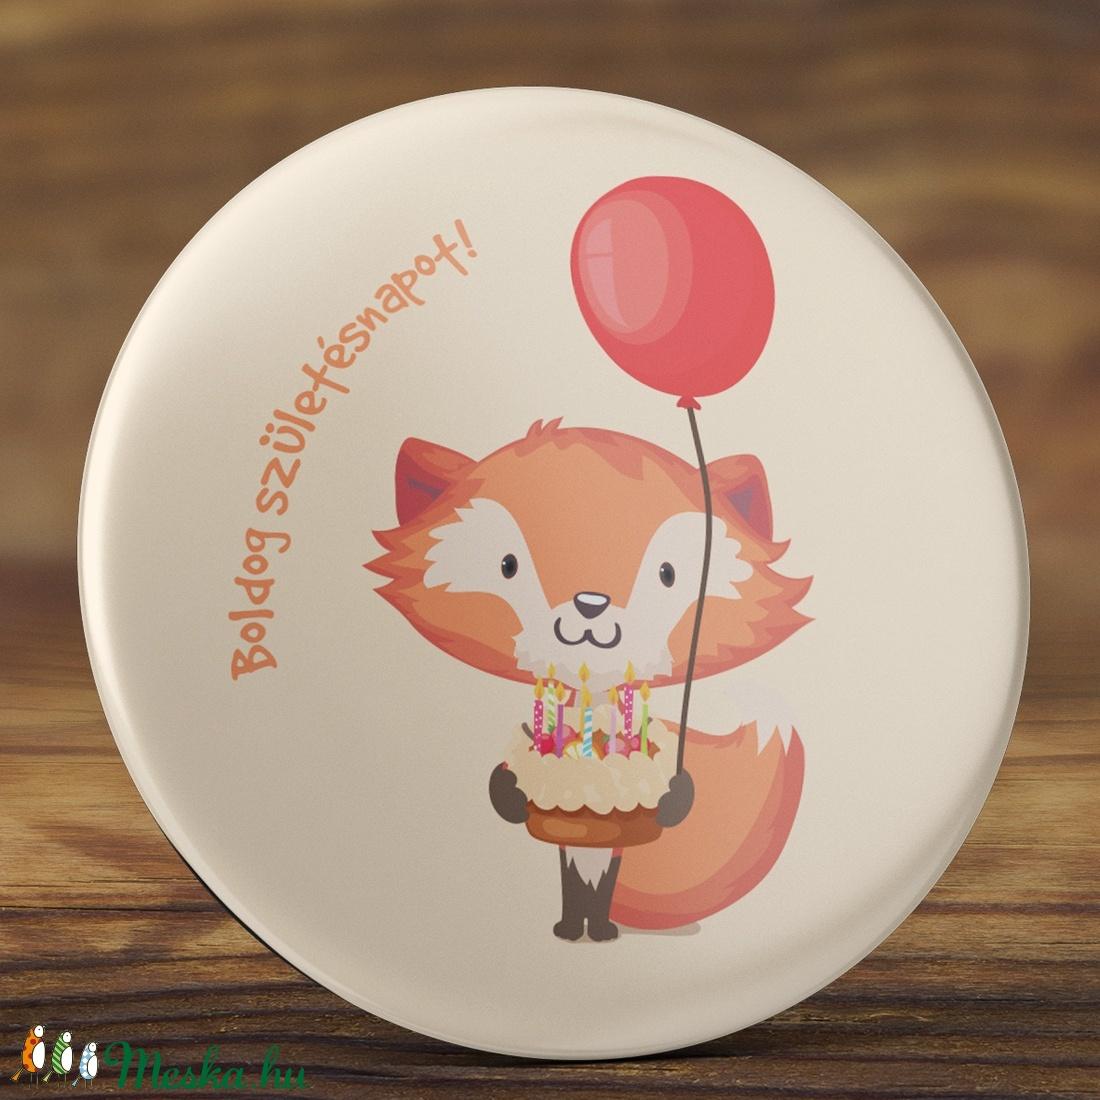 995a5e1b03 Róka mágnes - cuki rókás hűtőmágnes - boldog születésnapot mágnes - állatos  mágnes - masnis róka